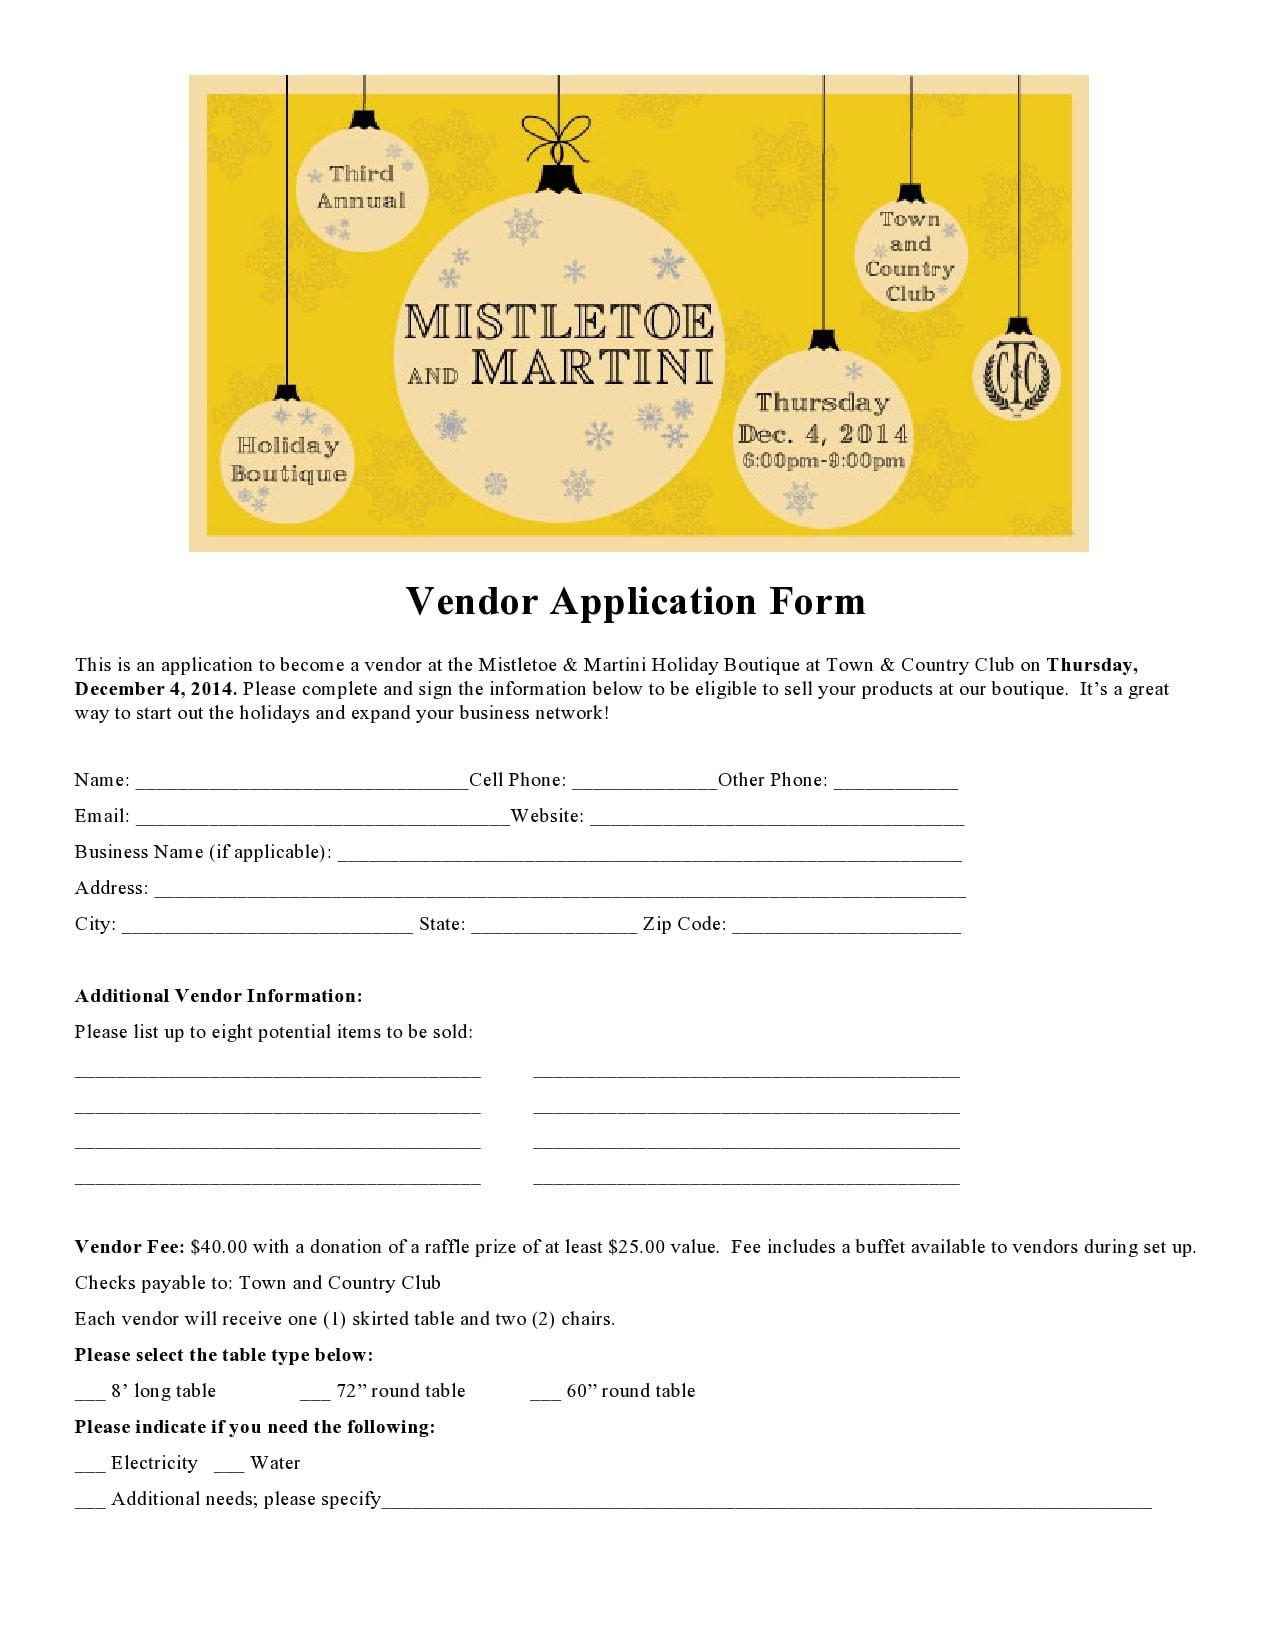 vendor application form 26